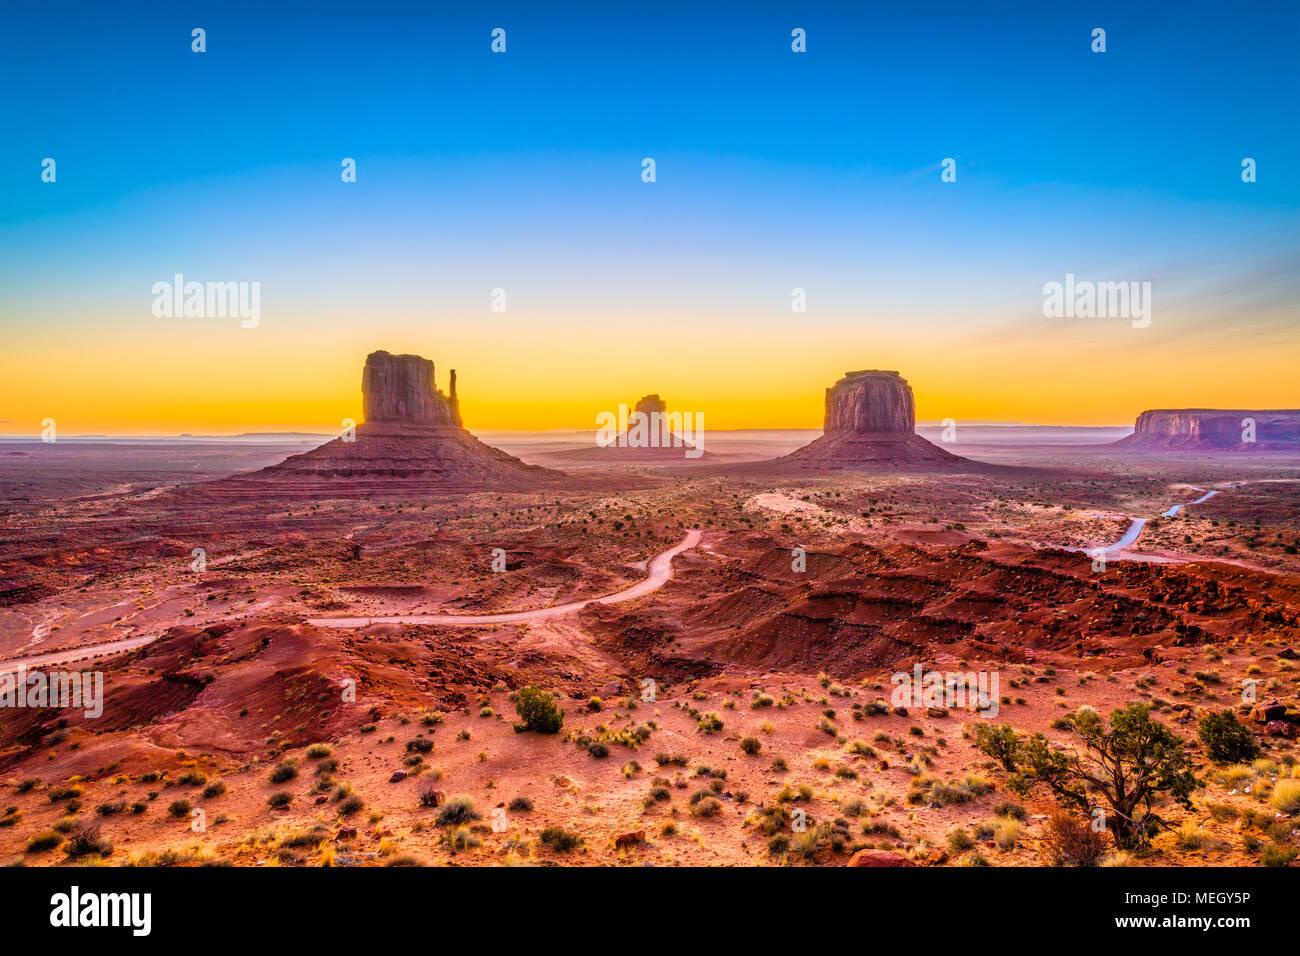 Monument Valley, Arizona, EE.UU. al amanecer. Imagen De Stock